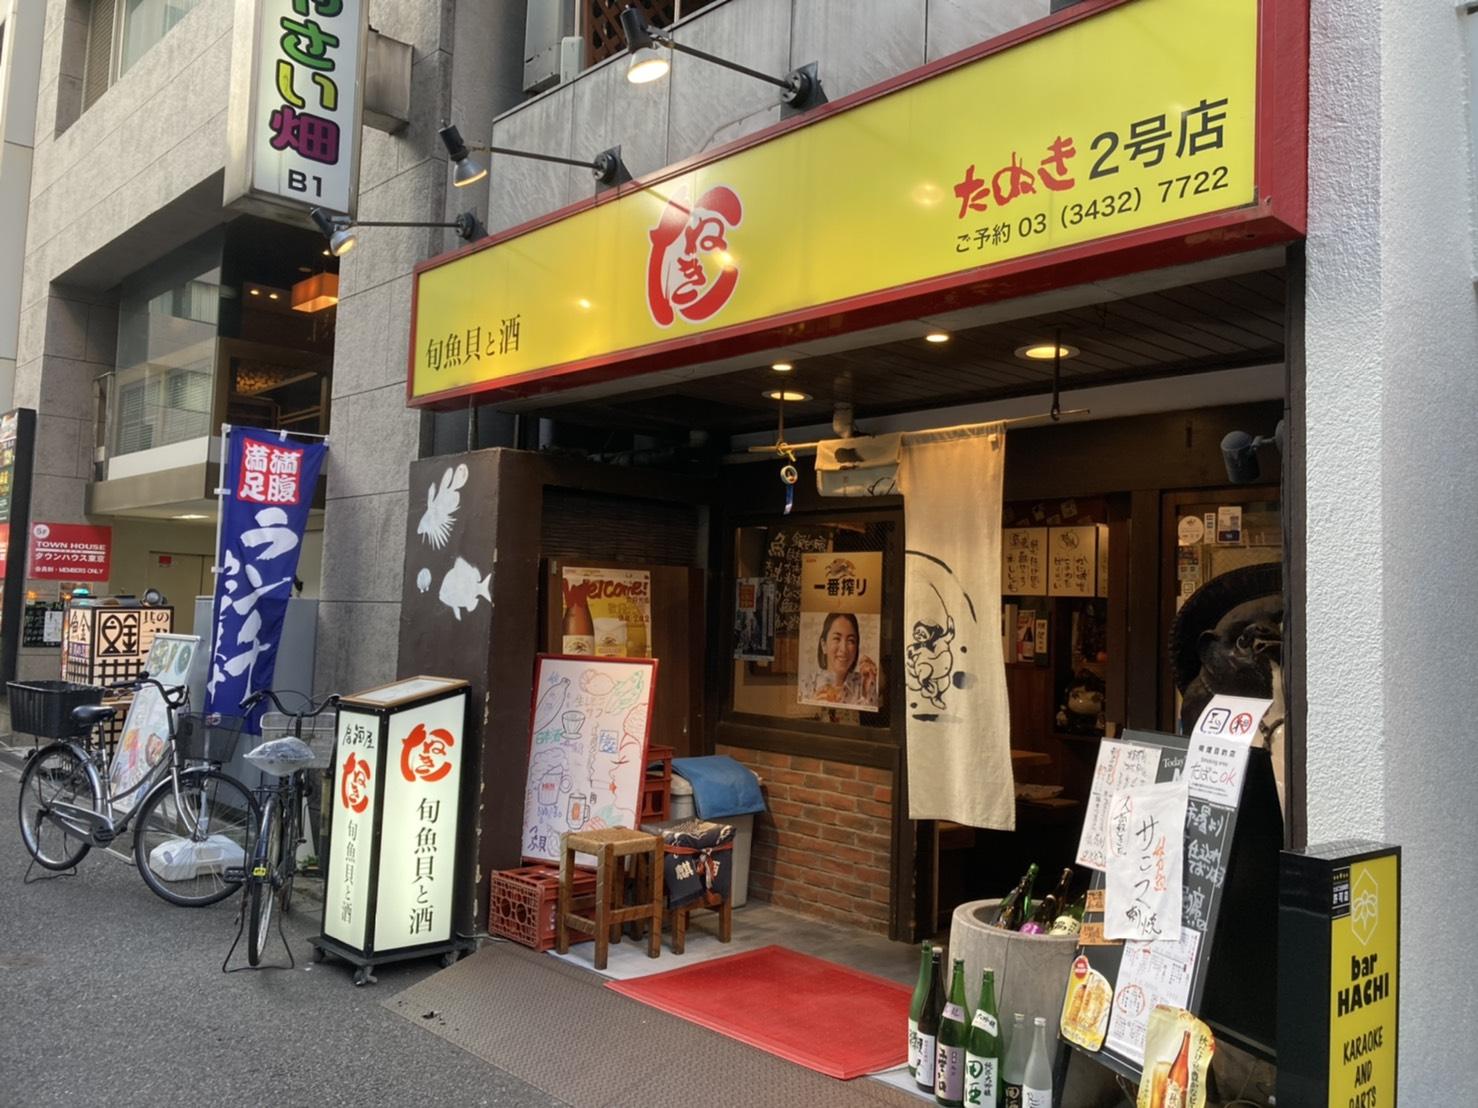 たぬき二号店